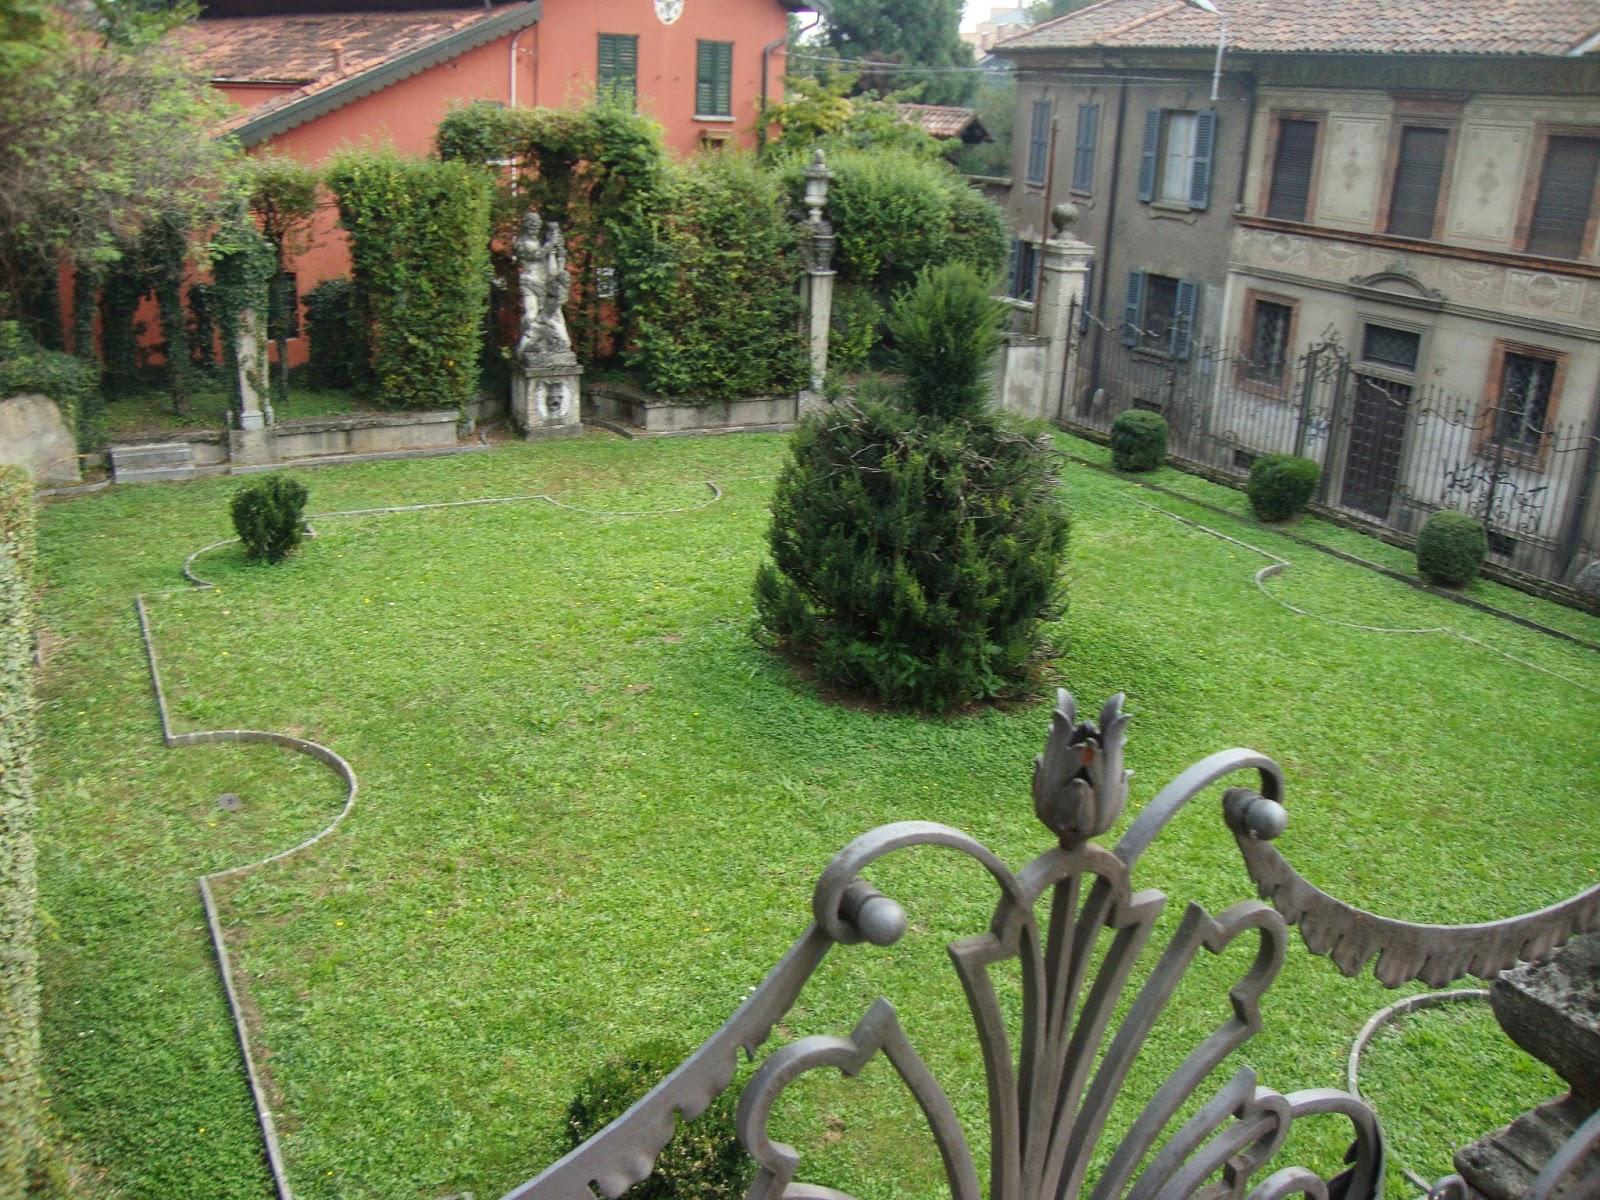 un piccolo giardino in città - Piccolo Giardino Allitaliana